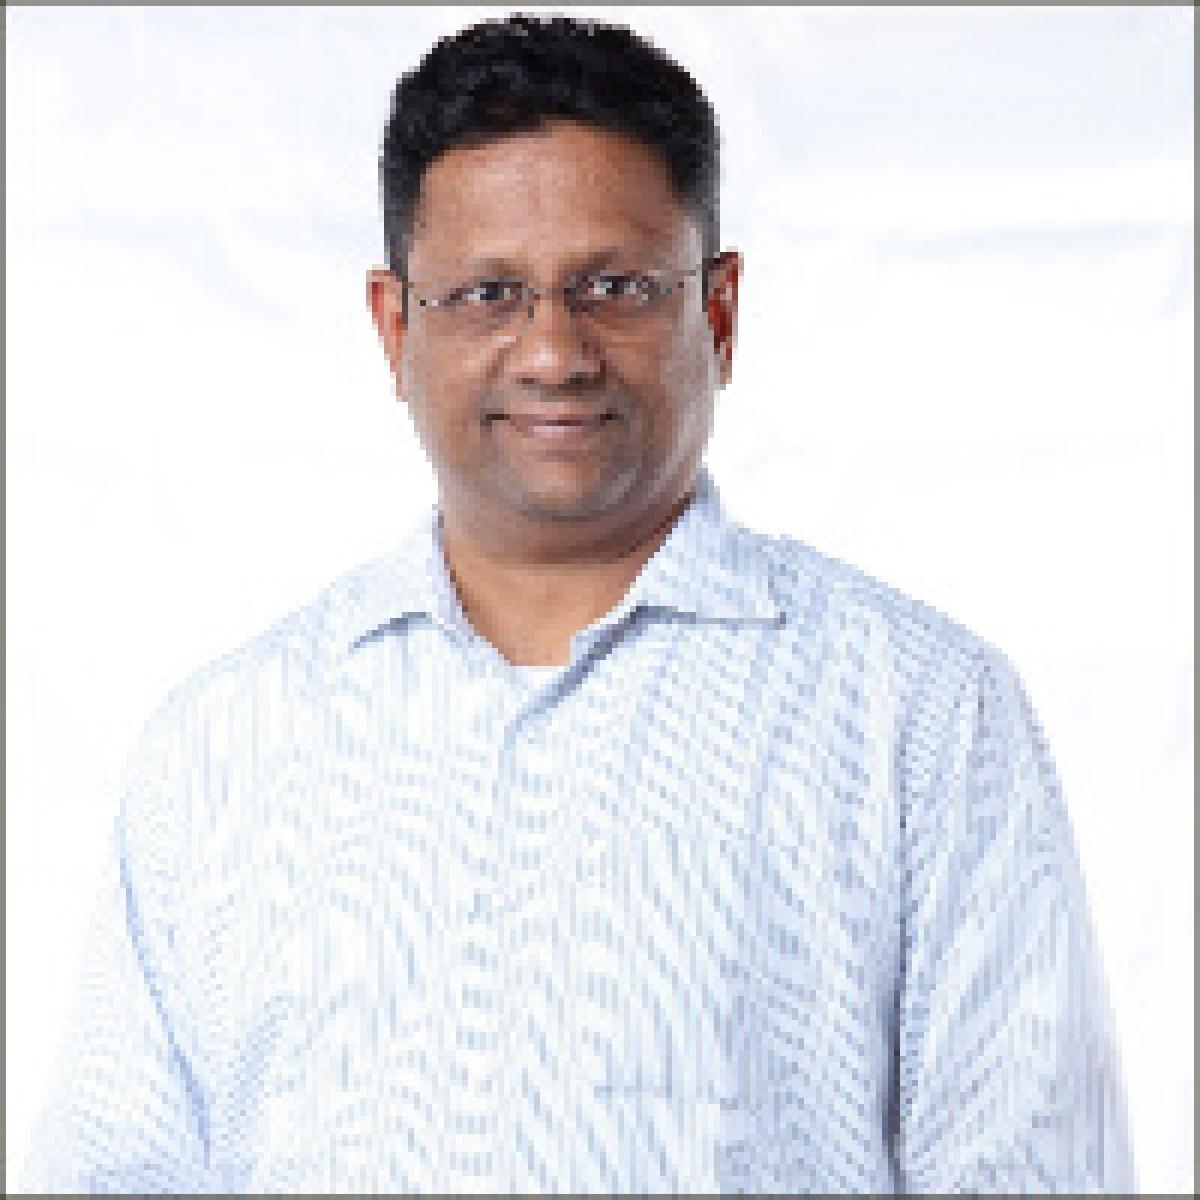 Dentsu India to handle creative duties of Mazhavil Manorama